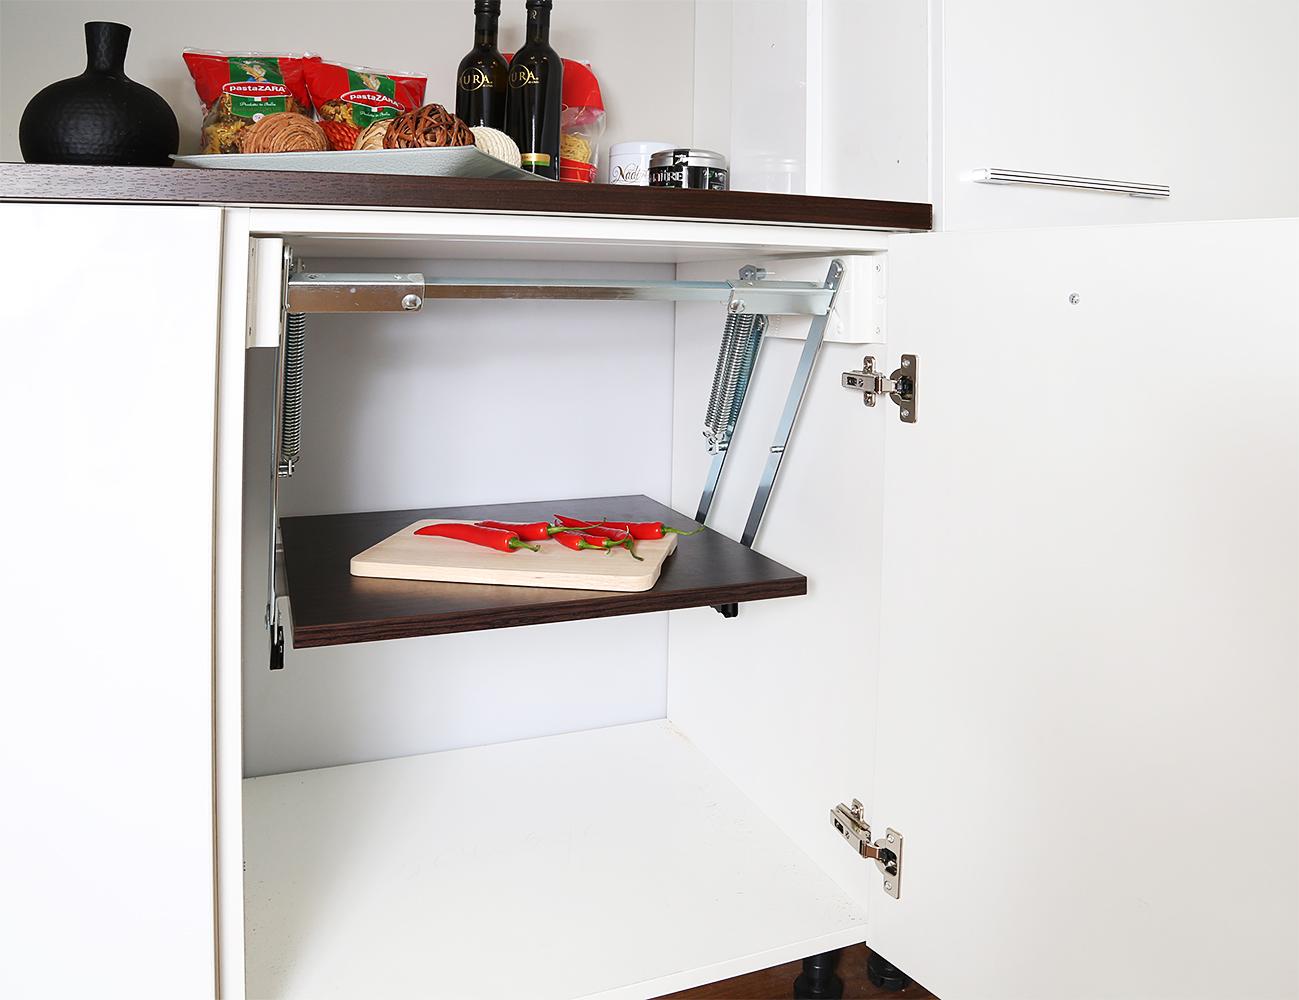 Узкие кухонные шкафы (40 фото): высокий напольный и выдвижно.